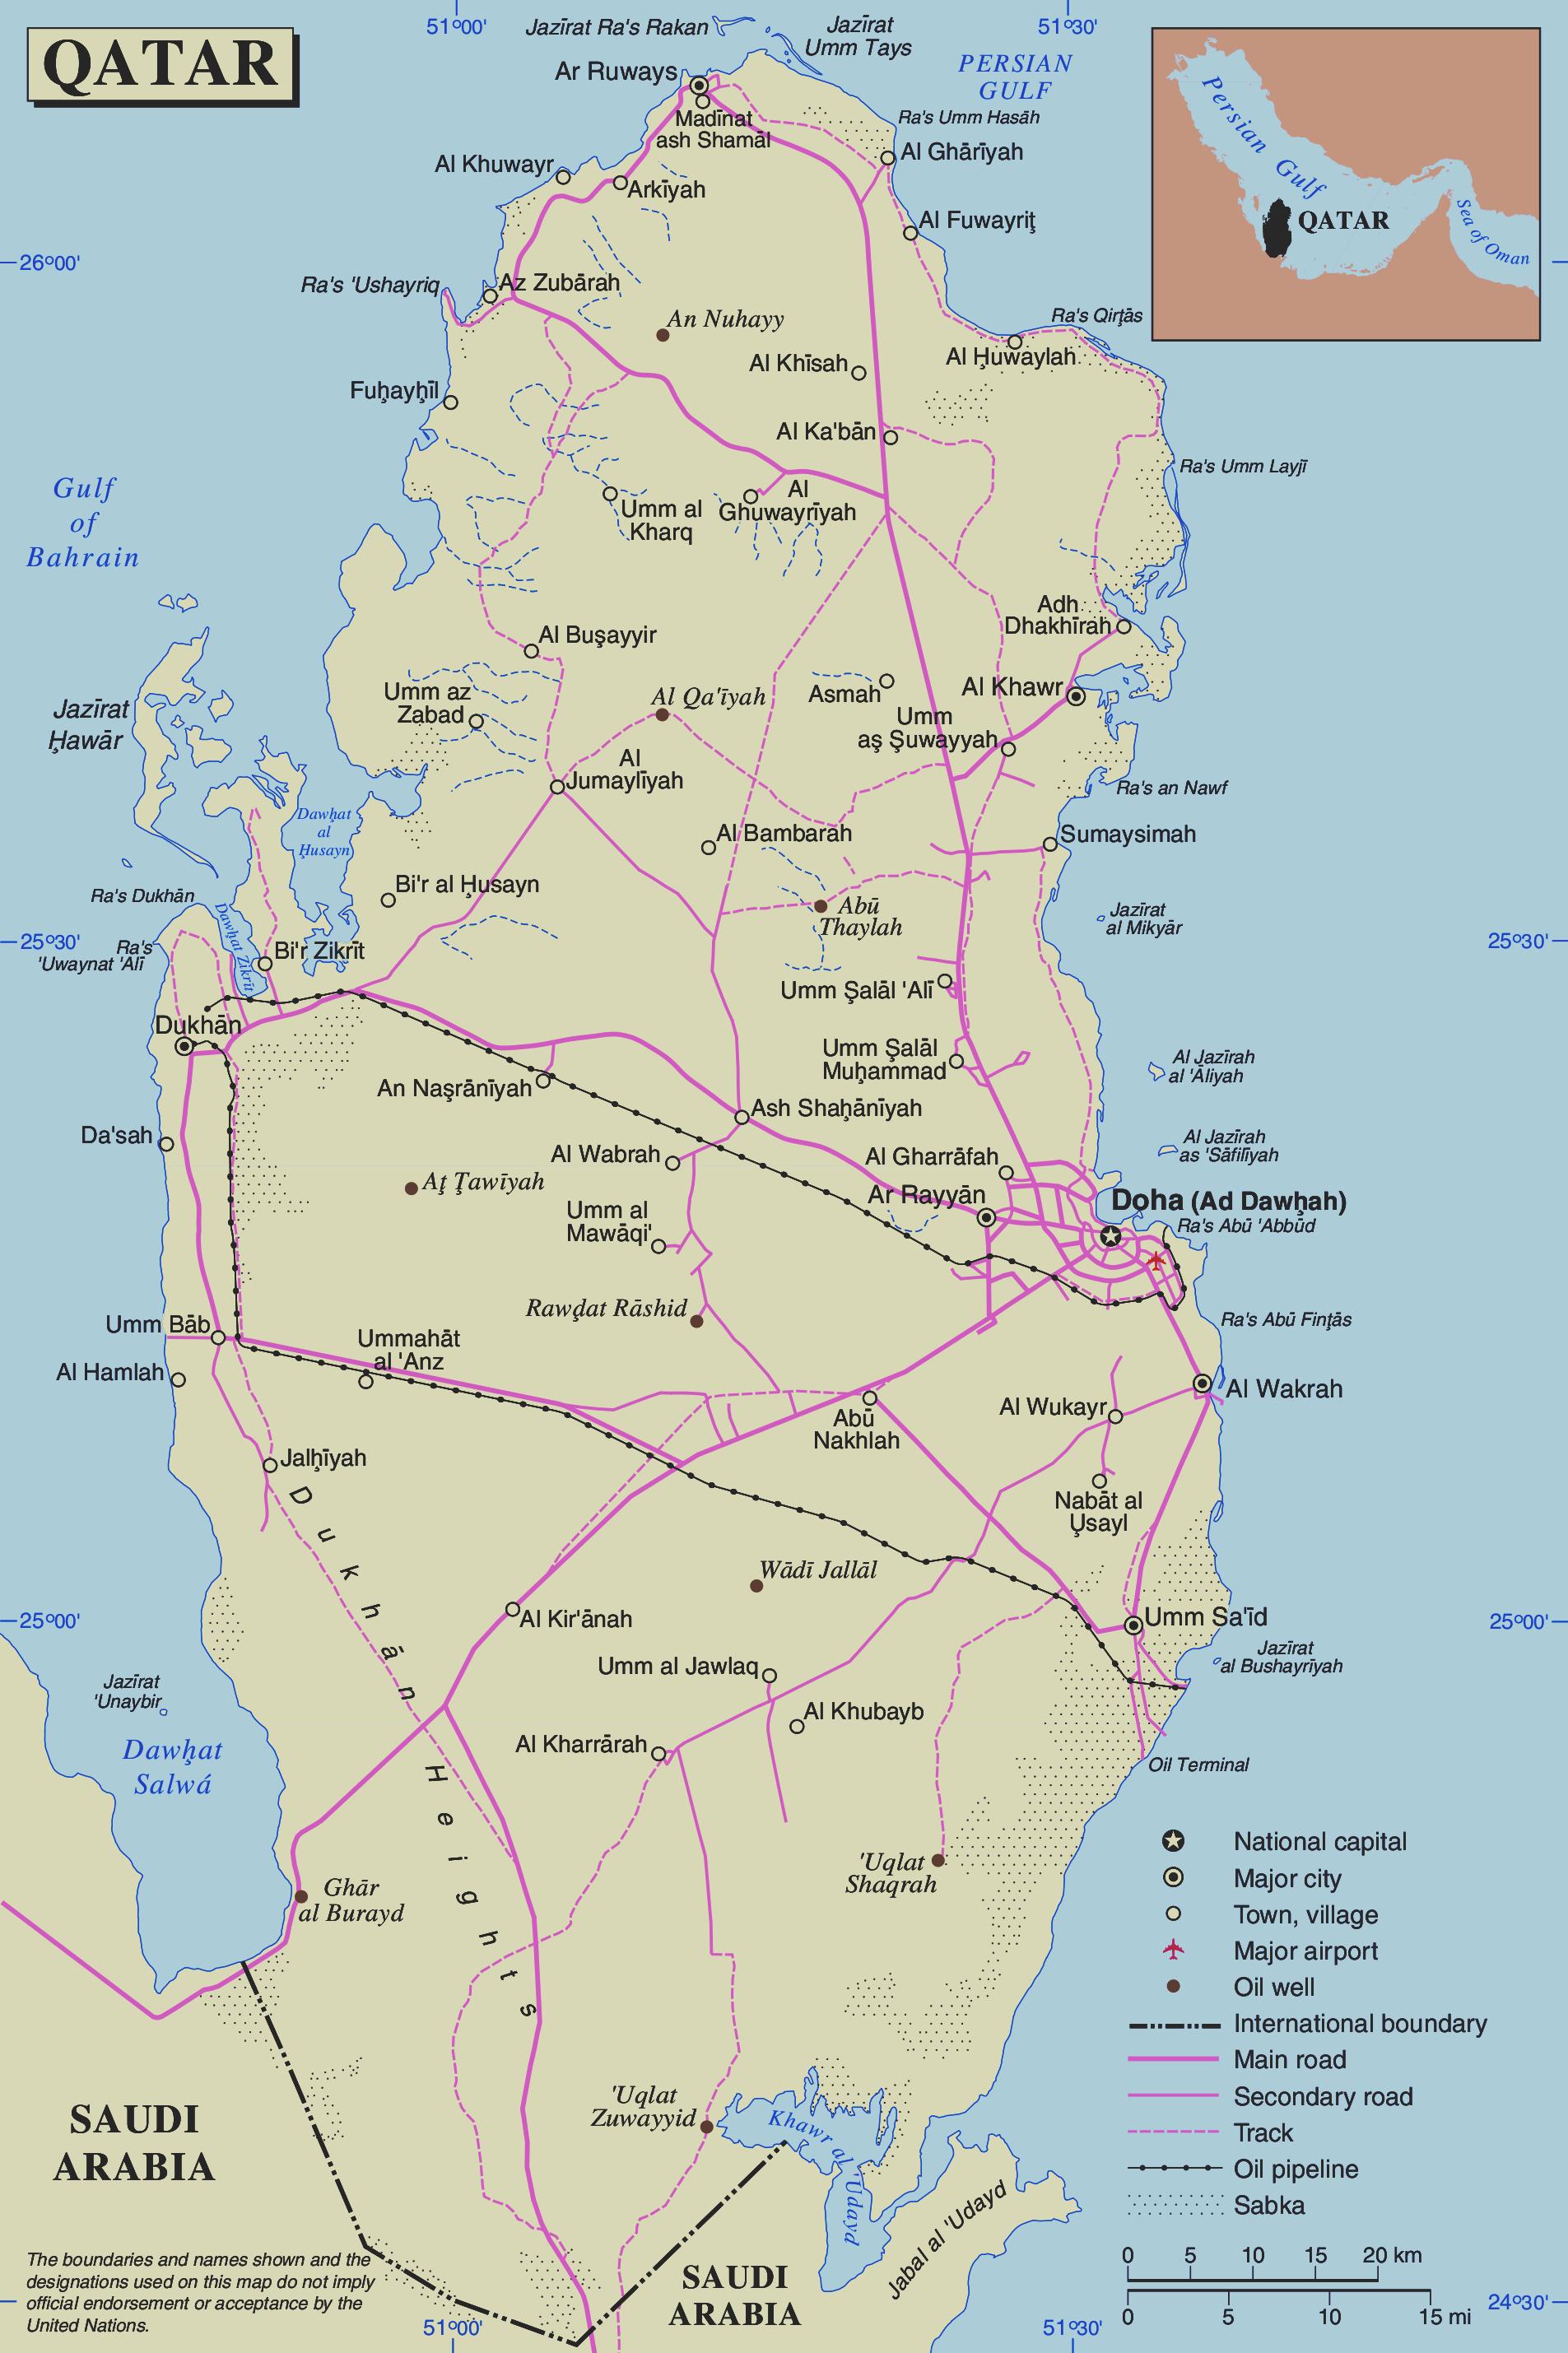 File:Un-qatar.png - 维基百科,自由的百科全书